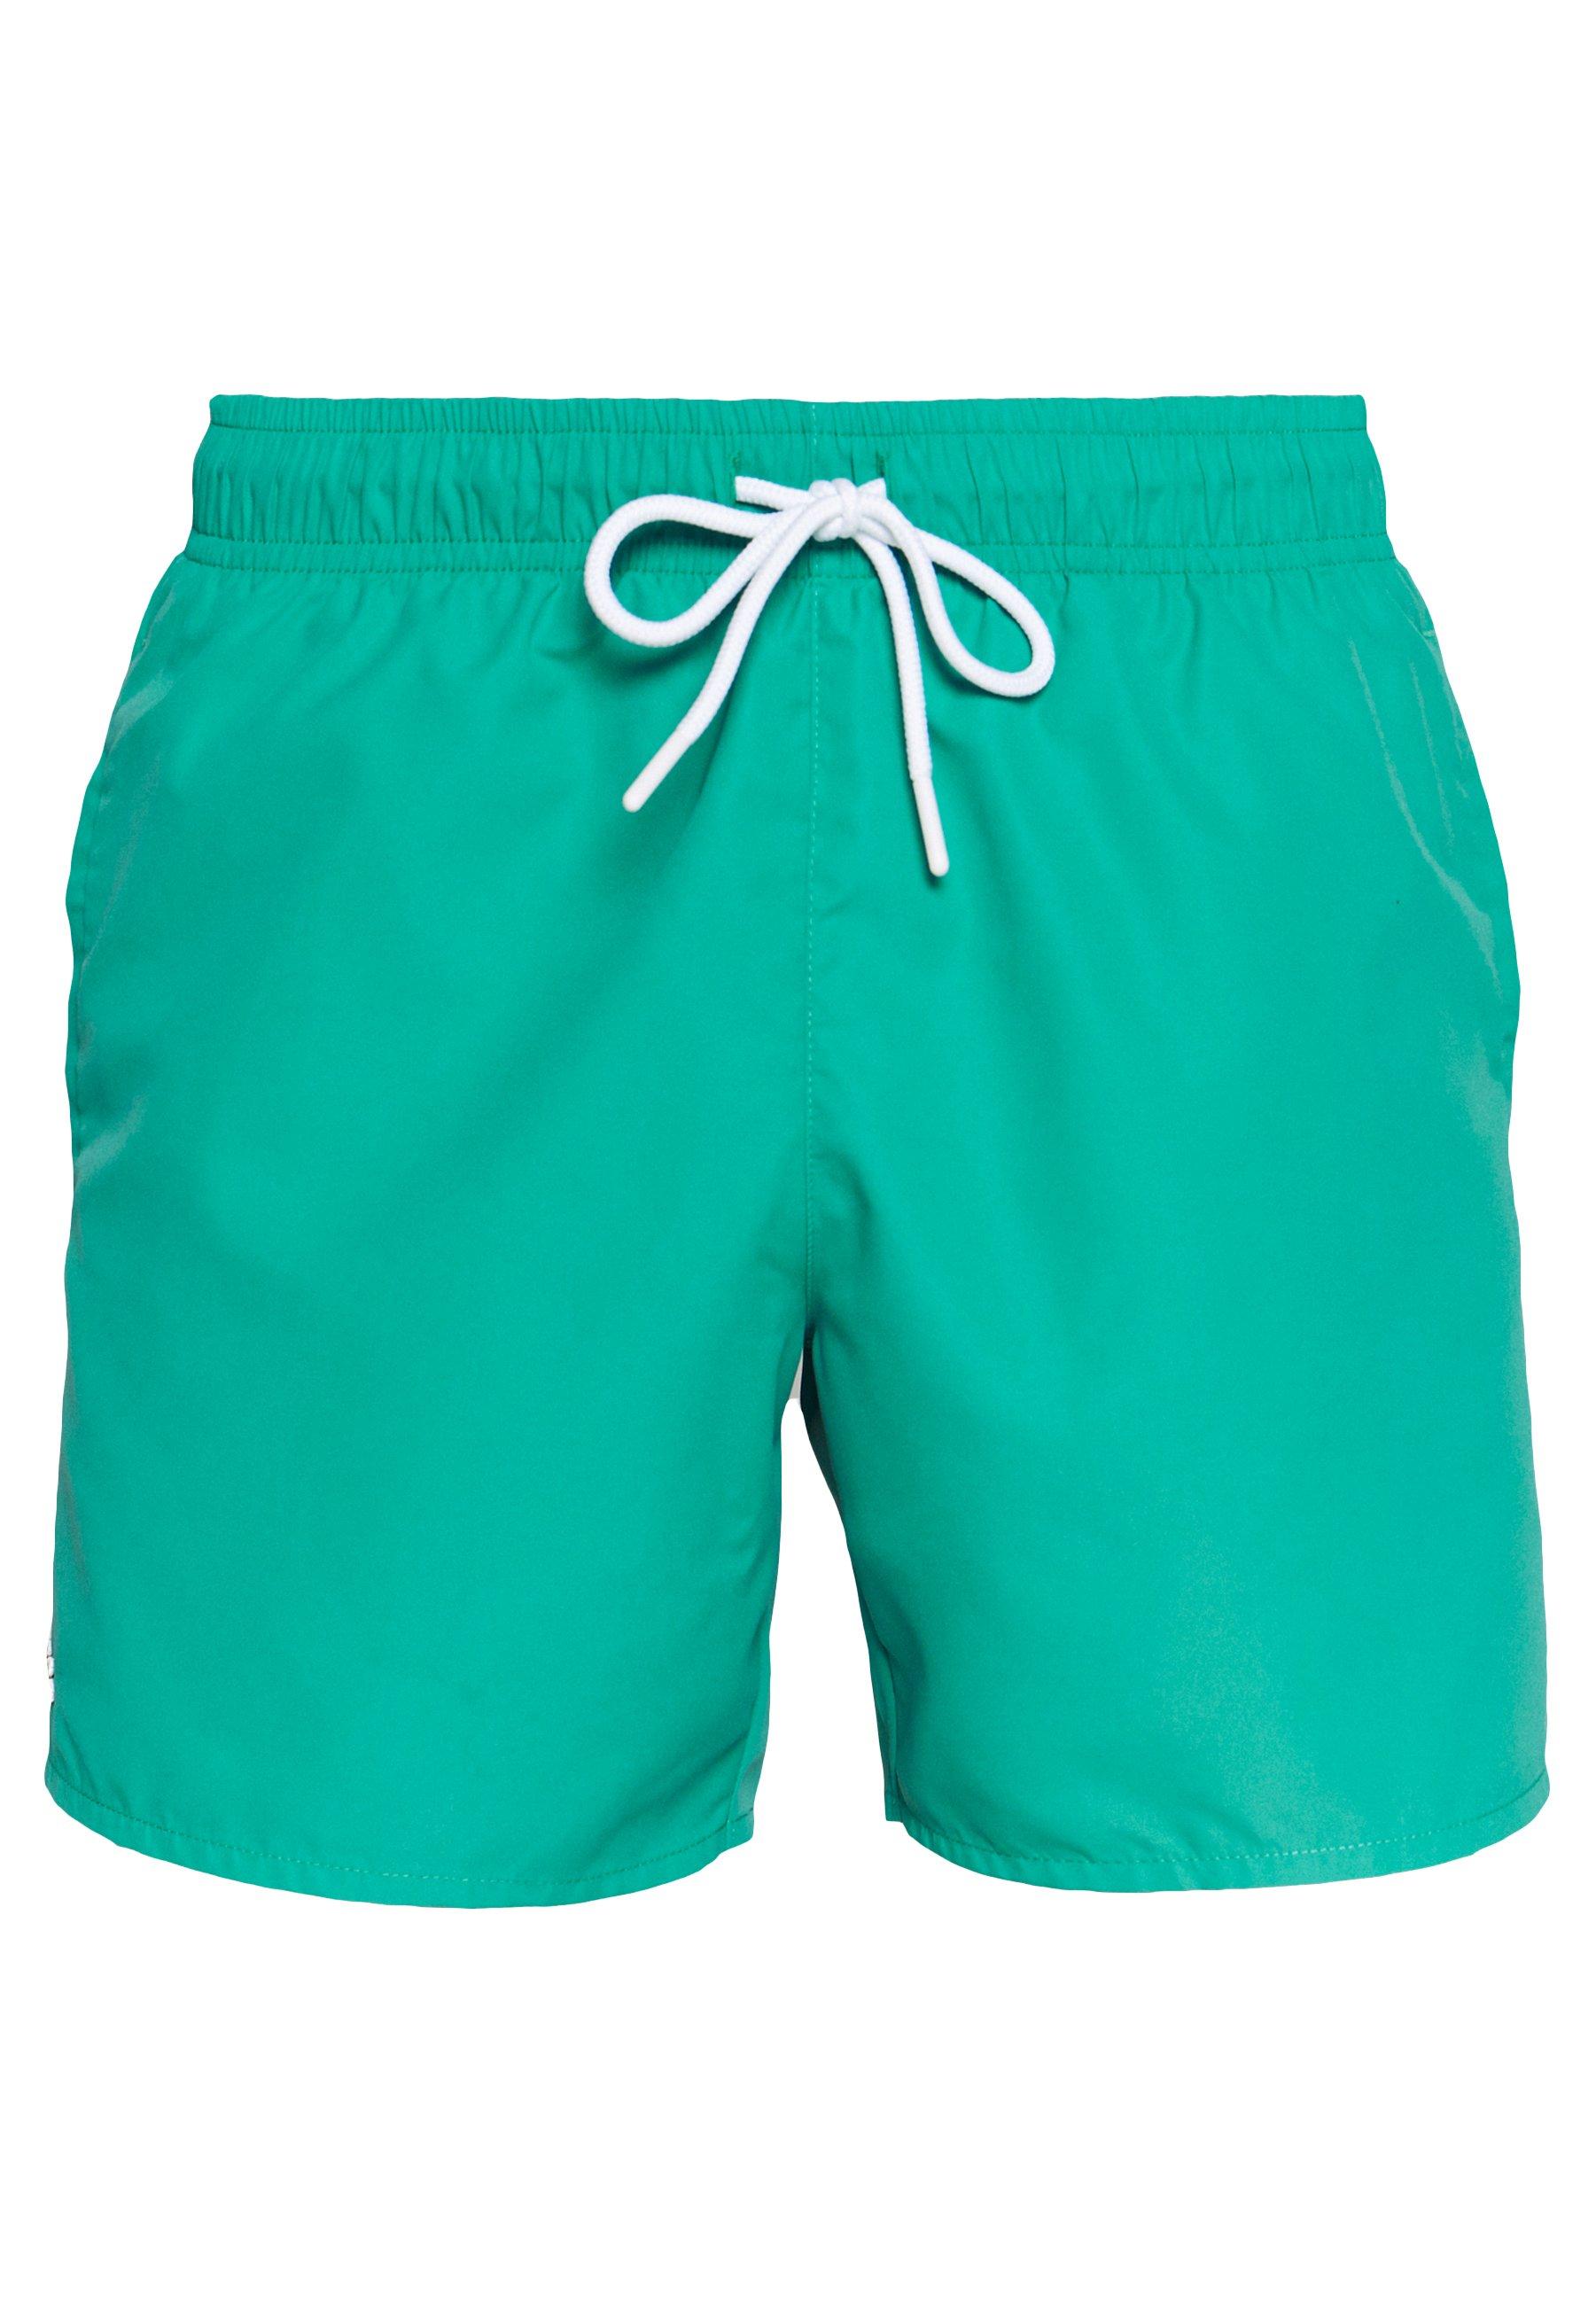 Vêtements homme turquoise en ligne | ZALANDO